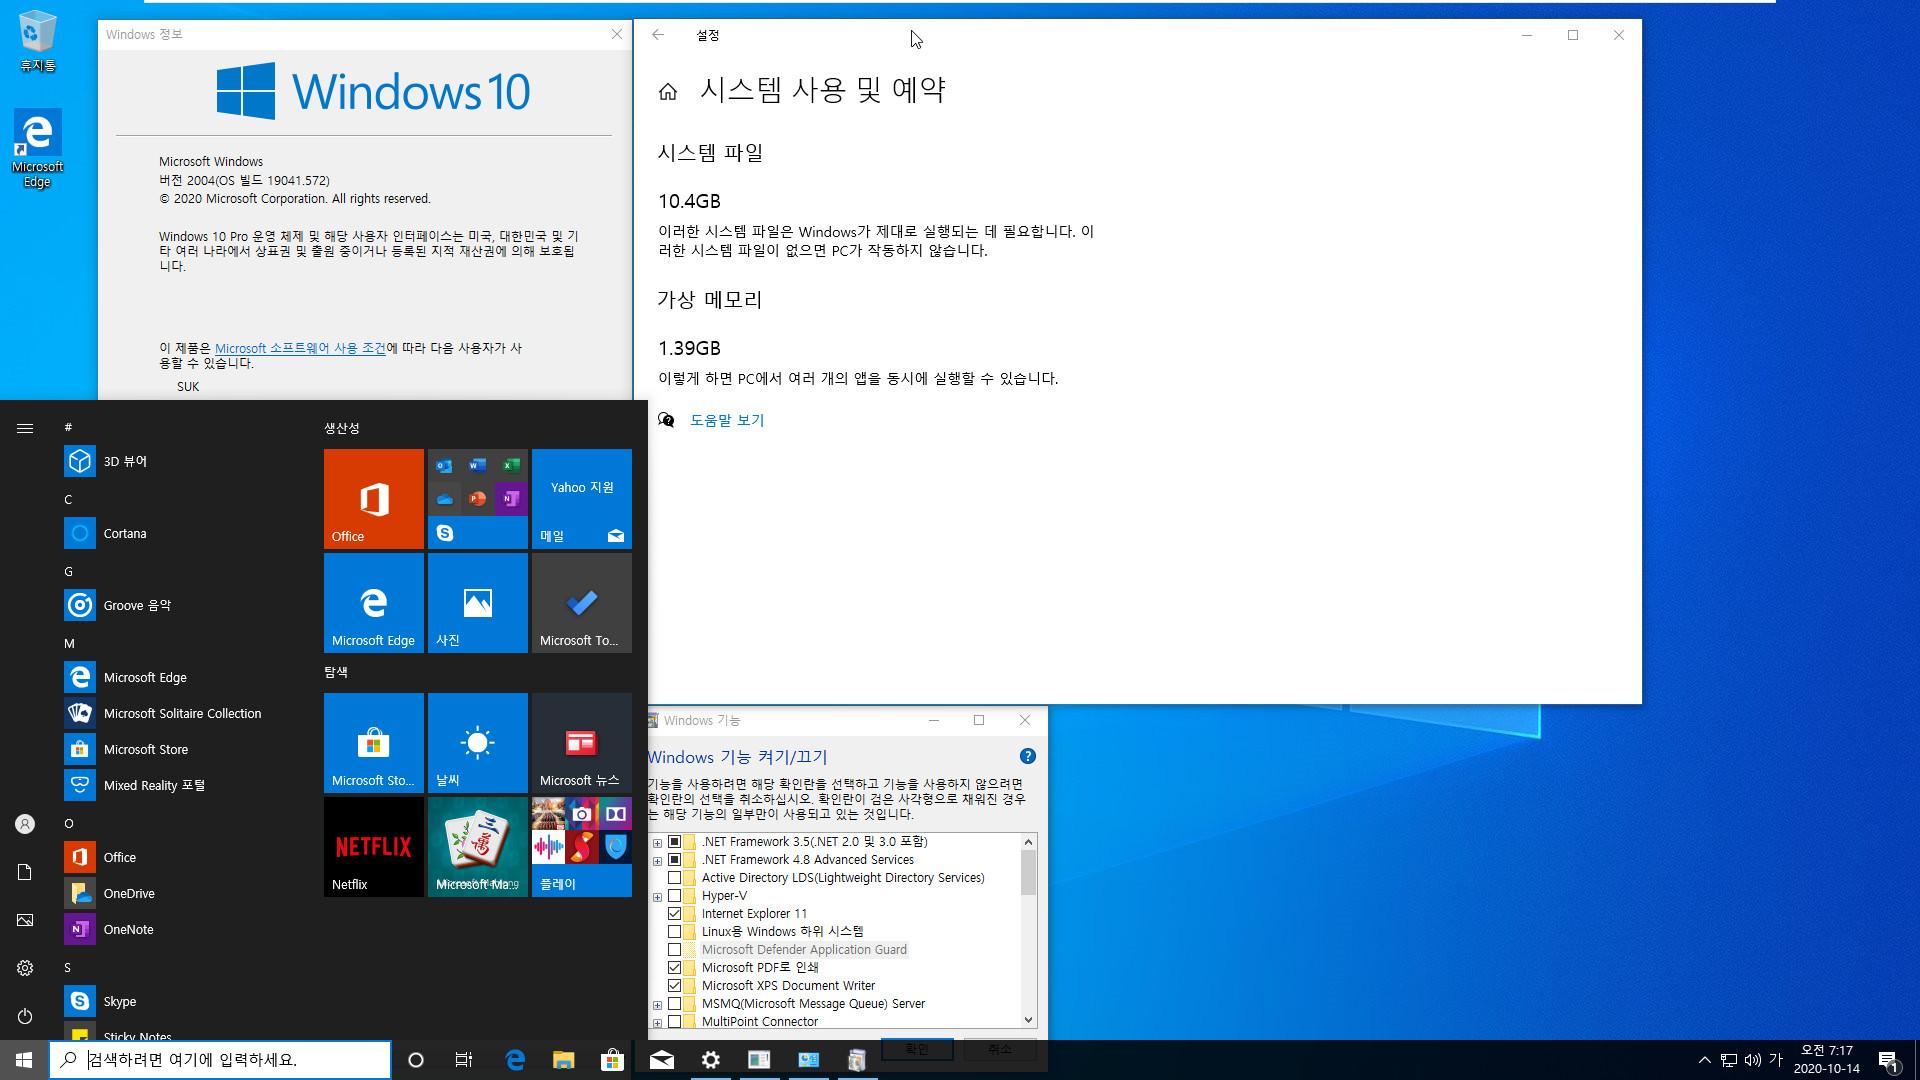 2020-10-14 수요일 정기 업데이트 통합 PRO x64 2개 - Windows 10 버전 2004 + 버전 20H2 누적 업데이트 KB4579311 (OS 빌드 19041.572 + 19042.572) - 설치 테스트 2020-10-14_071721.jpg